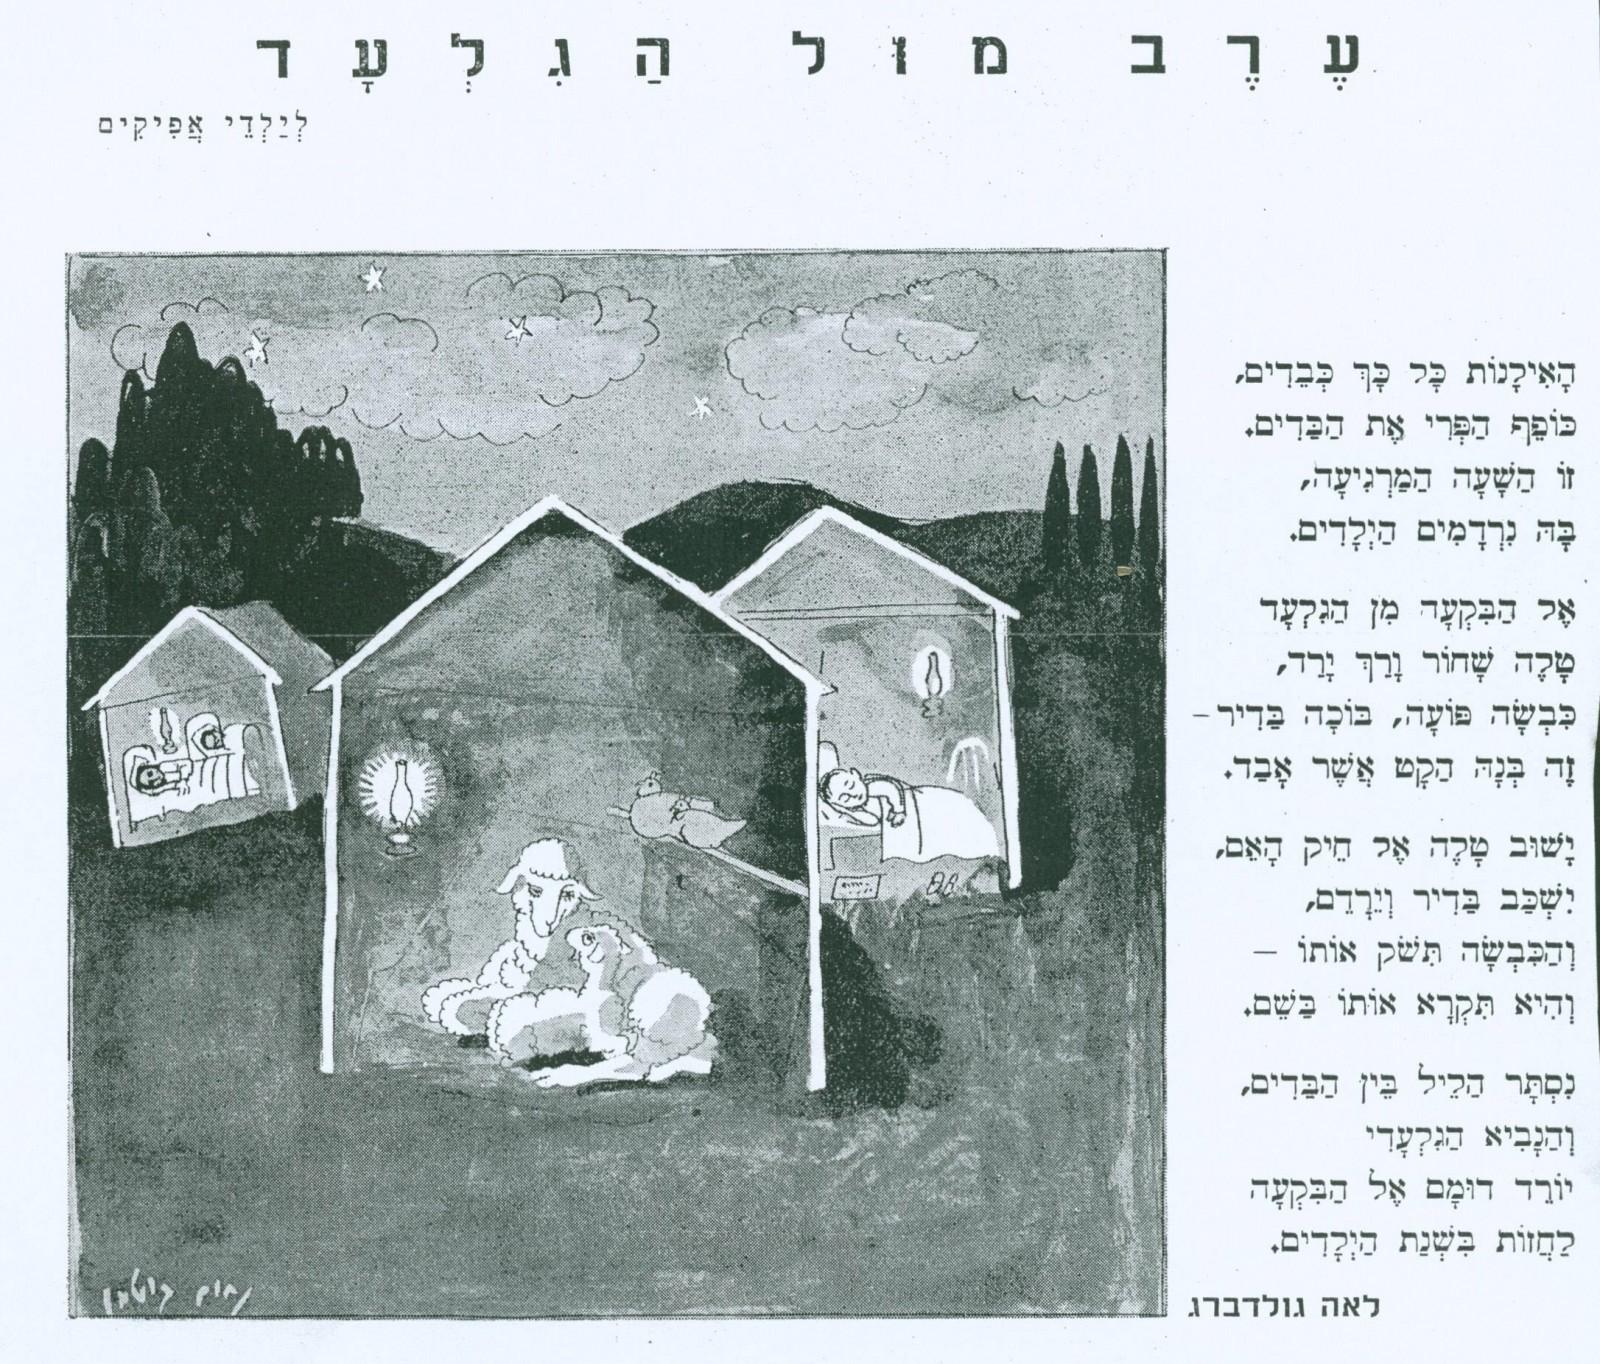 """""""דבר לילדים"""", 20.1.38 (מוזיאון נחום גוטמן לאמנות, נווה-צדק, תל-אביב)"""